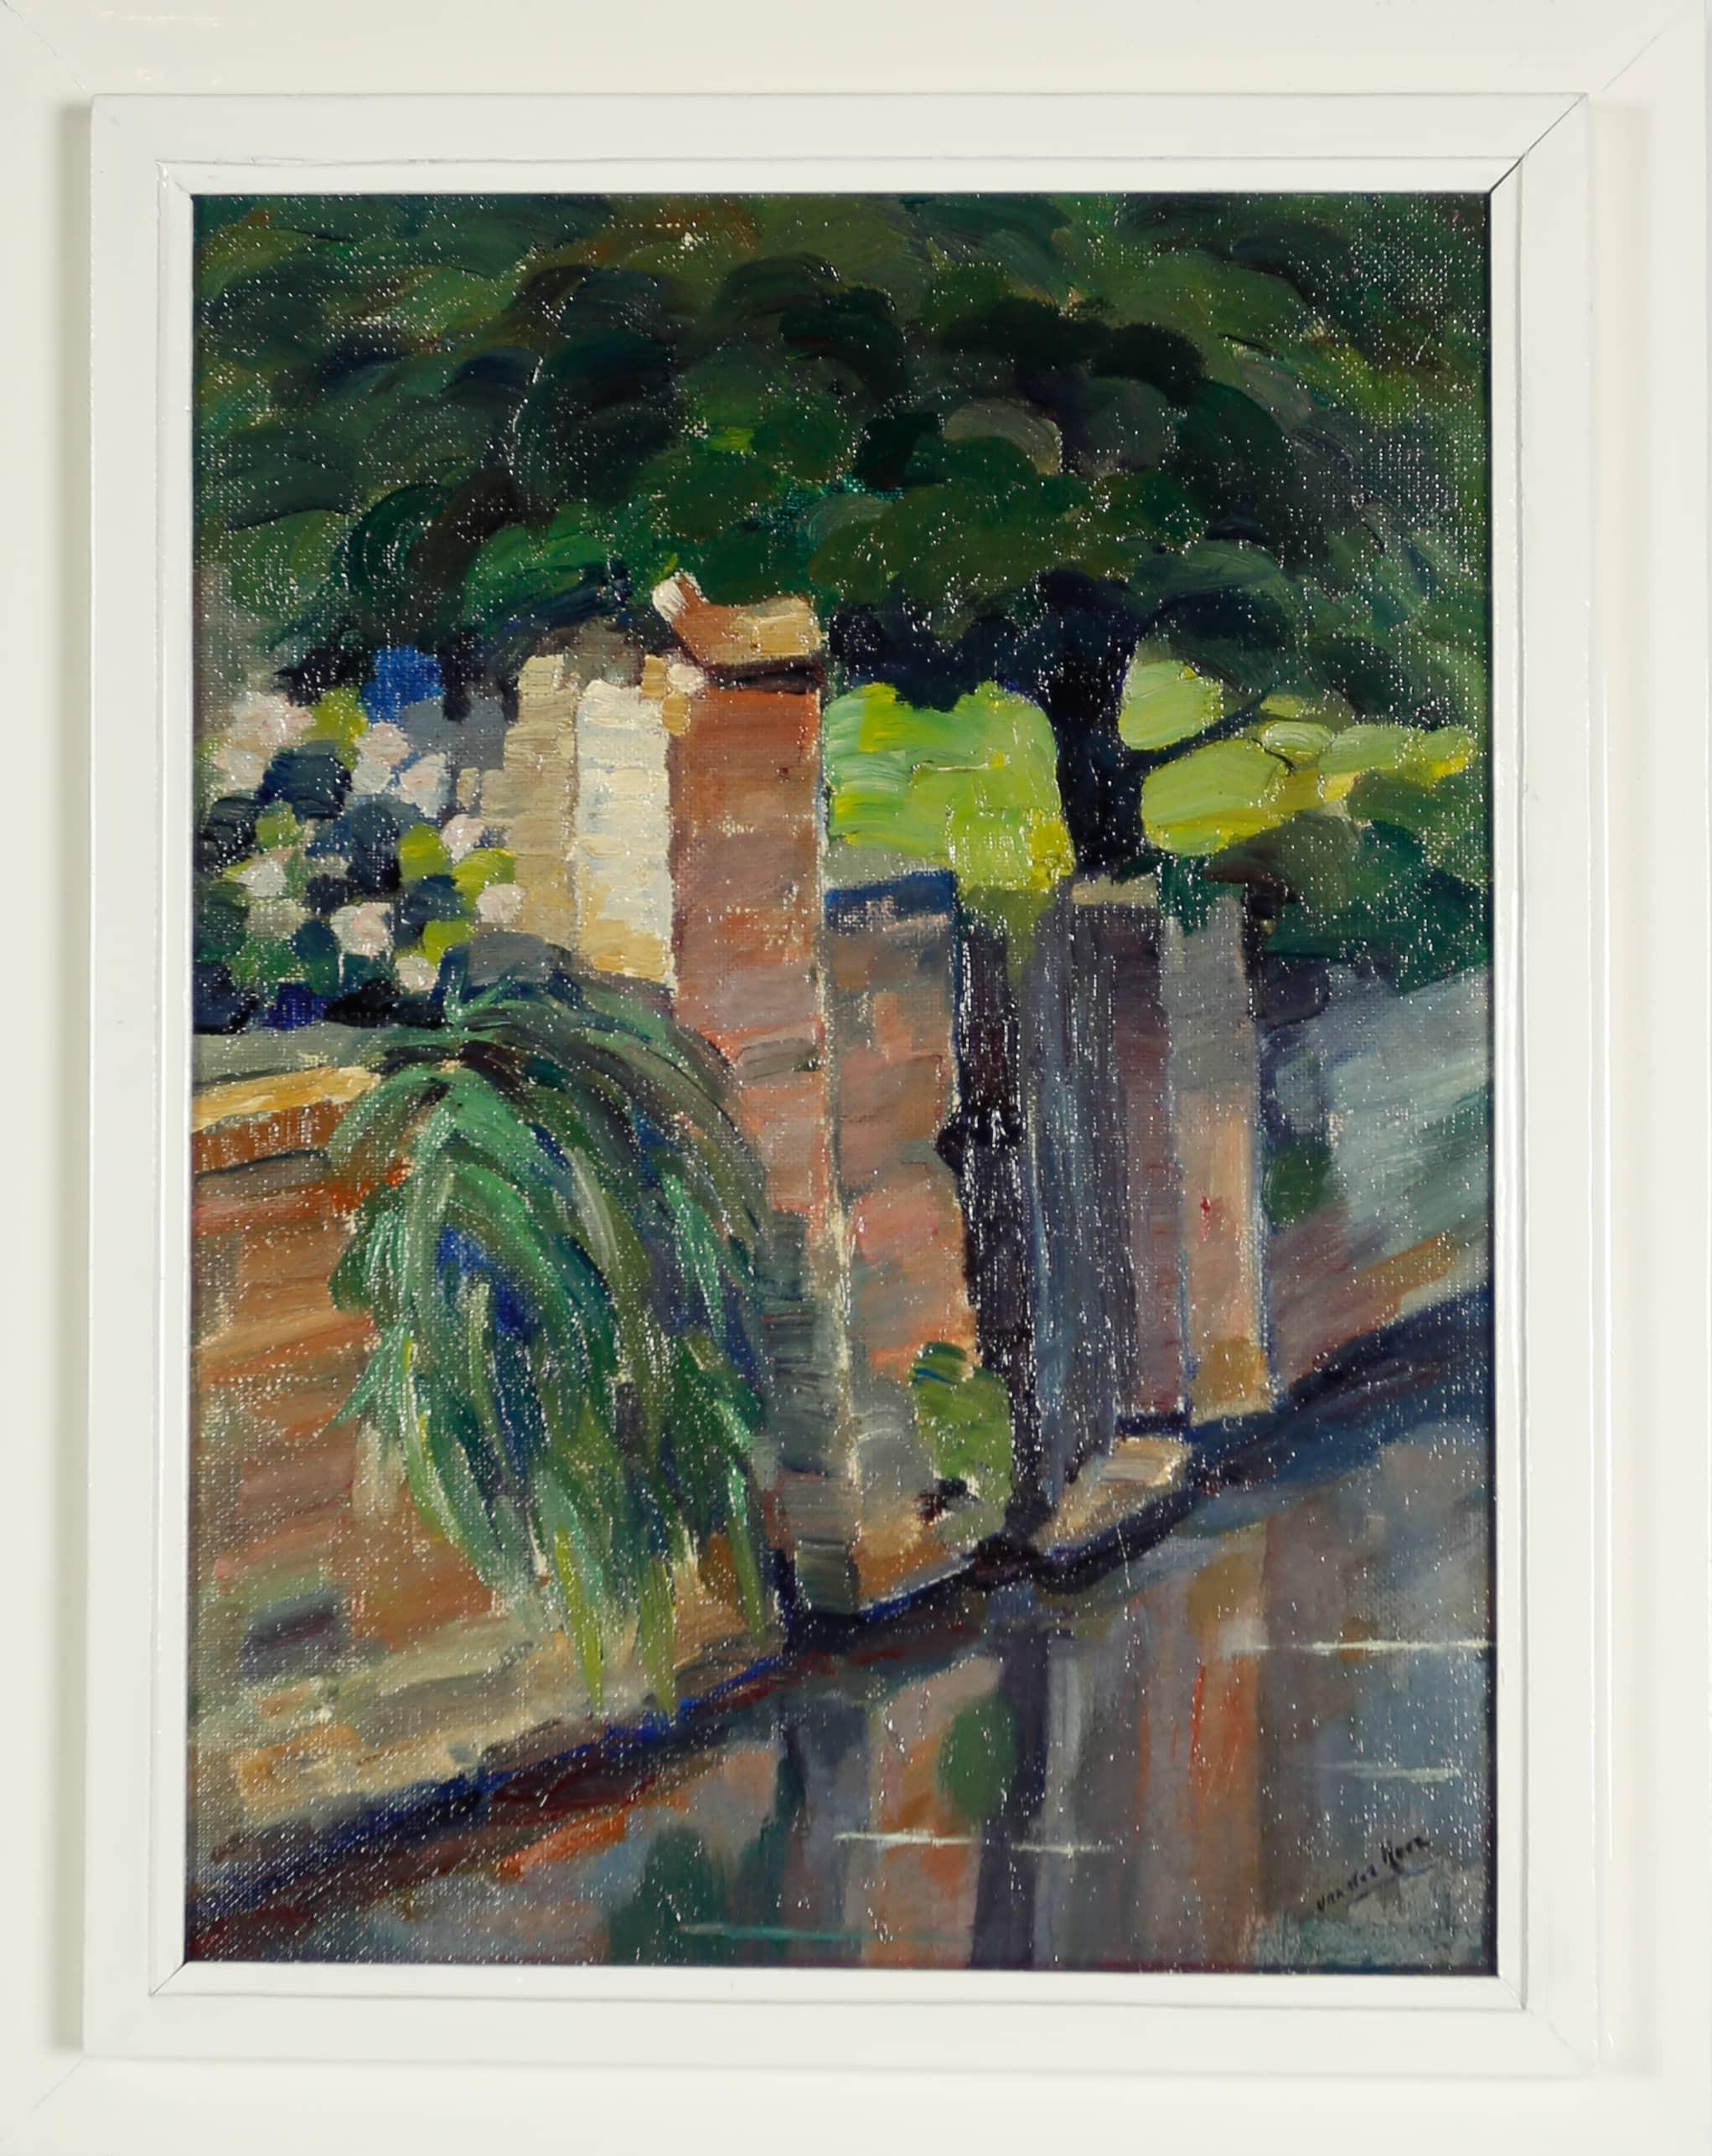 Beekrand Thorn - Maarten D.J. van der Meer - 1960, olieverf op board, 38,5 x 28,5 cm